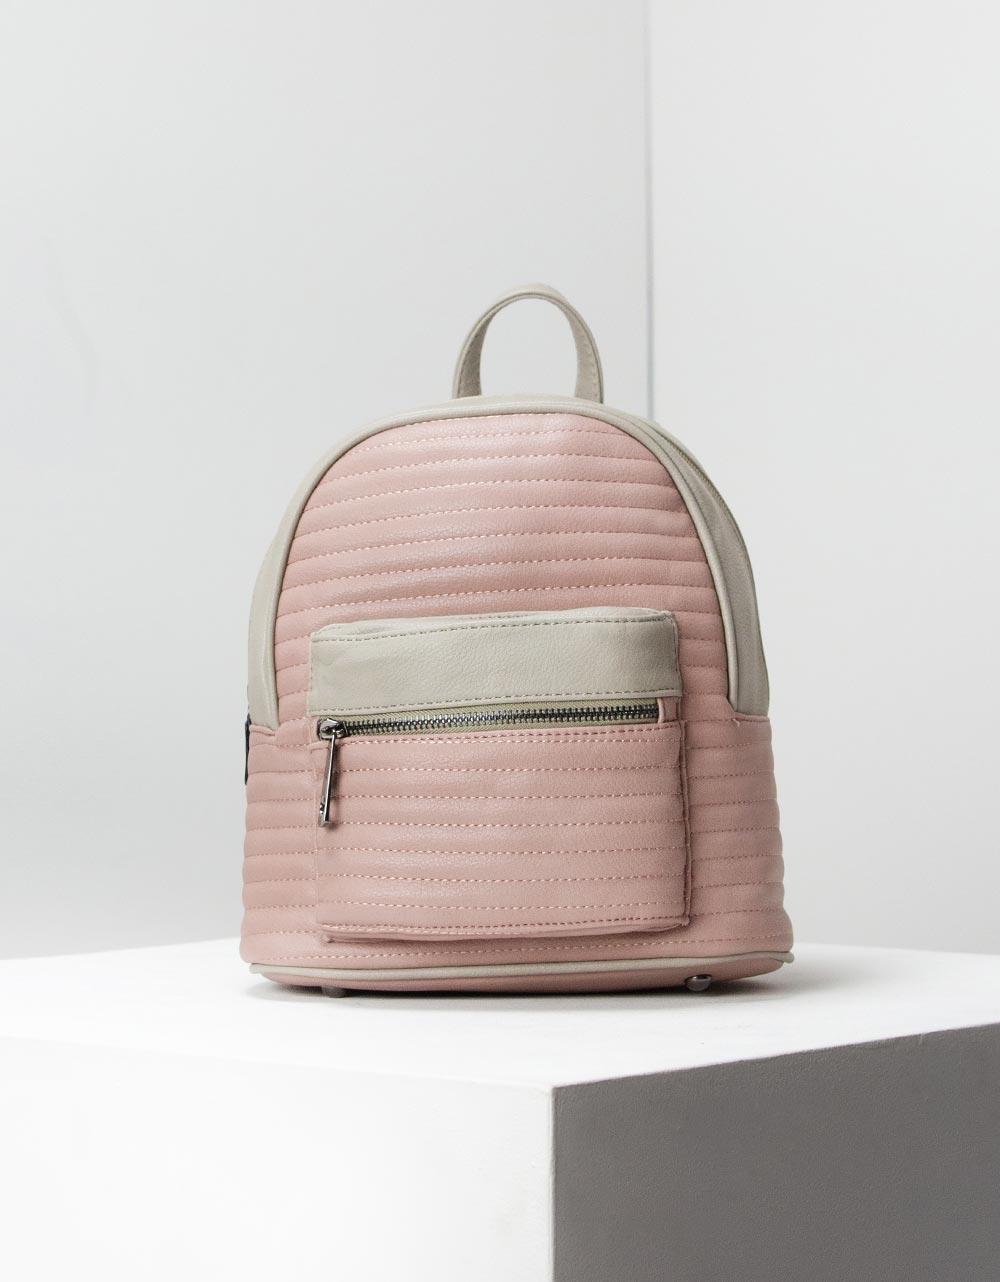 Εικόνα από Γυναικεία σακίδια πλάτης με διακοσμητικές ραφές Γκρι/Ροζ